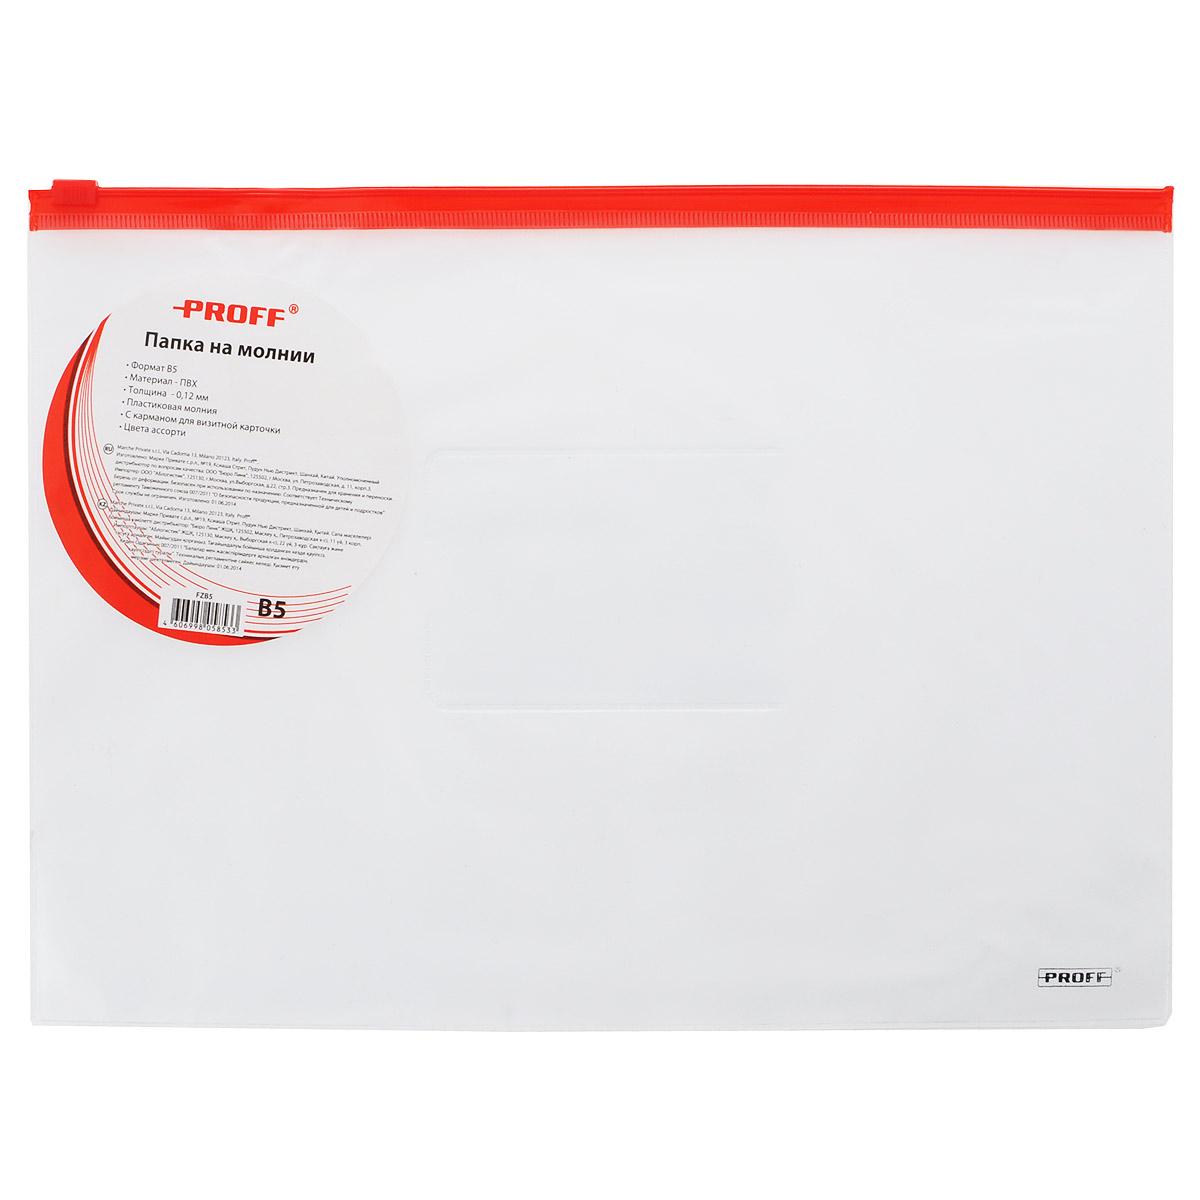 Папка на молнии Proff, цвет: прозрачный, матовый, В5FZB5Папка на молнии Proff - это удобный и функциональный офисный инструмент, предназначенный для хранения и транспортировки рабочих бумаг и документов. Папка изготовлена из износостойкого прозрачного ПВХ и закрывается на пластиковую застежку-молнию. Снаружи имеется кармашек для визитной карточки. Папка - это незаменимый атрибут для студента, школьника, офисного работника. Такая папка надежно сохранит ваши документы и сбережет их от повреждений, пыли и влаги. Без наполнения.